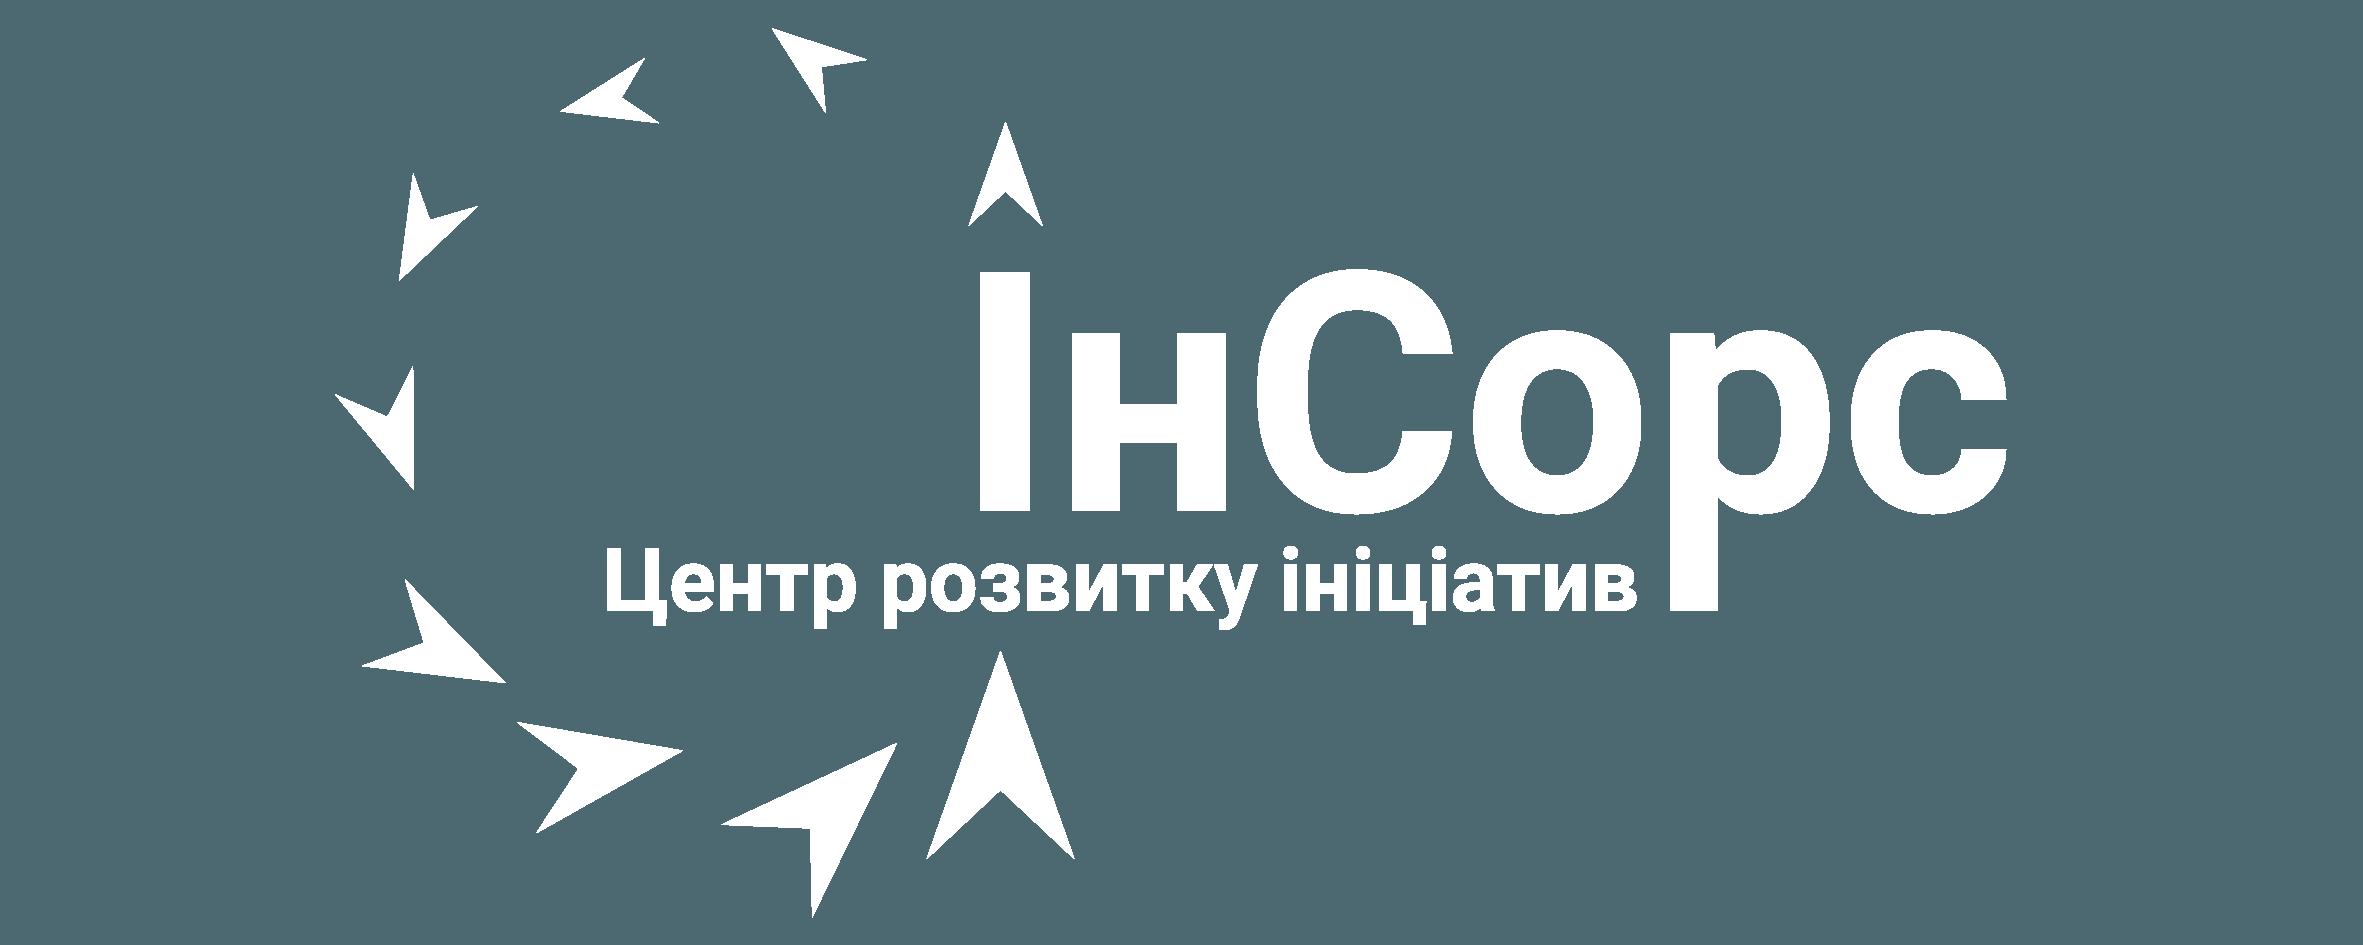 """Центр розвитку ініціатив """"ІнСорс"""""""